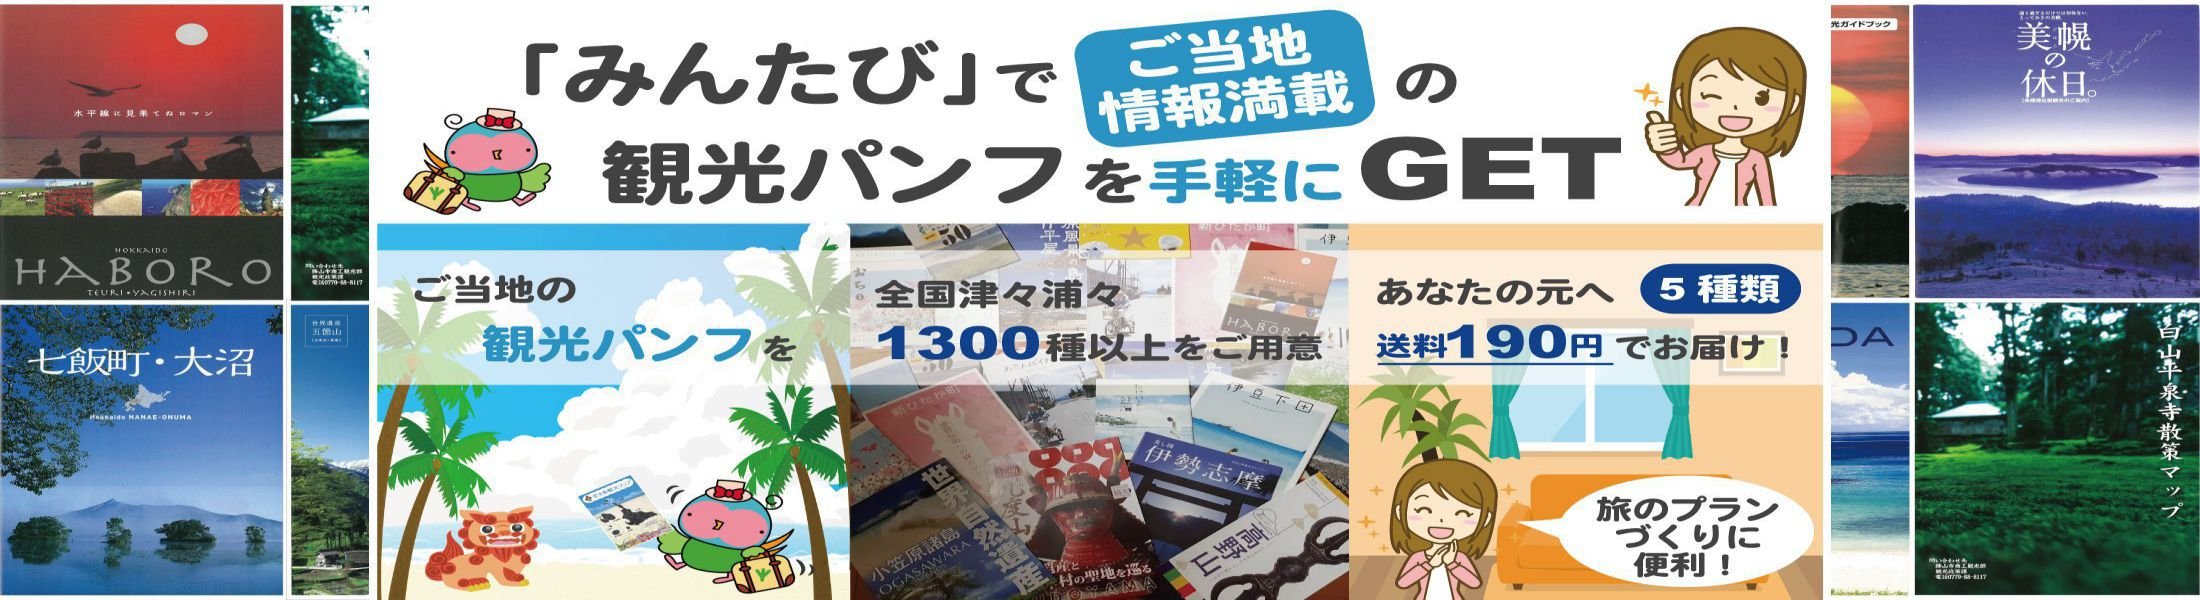 沖縄おすすめパンフレット